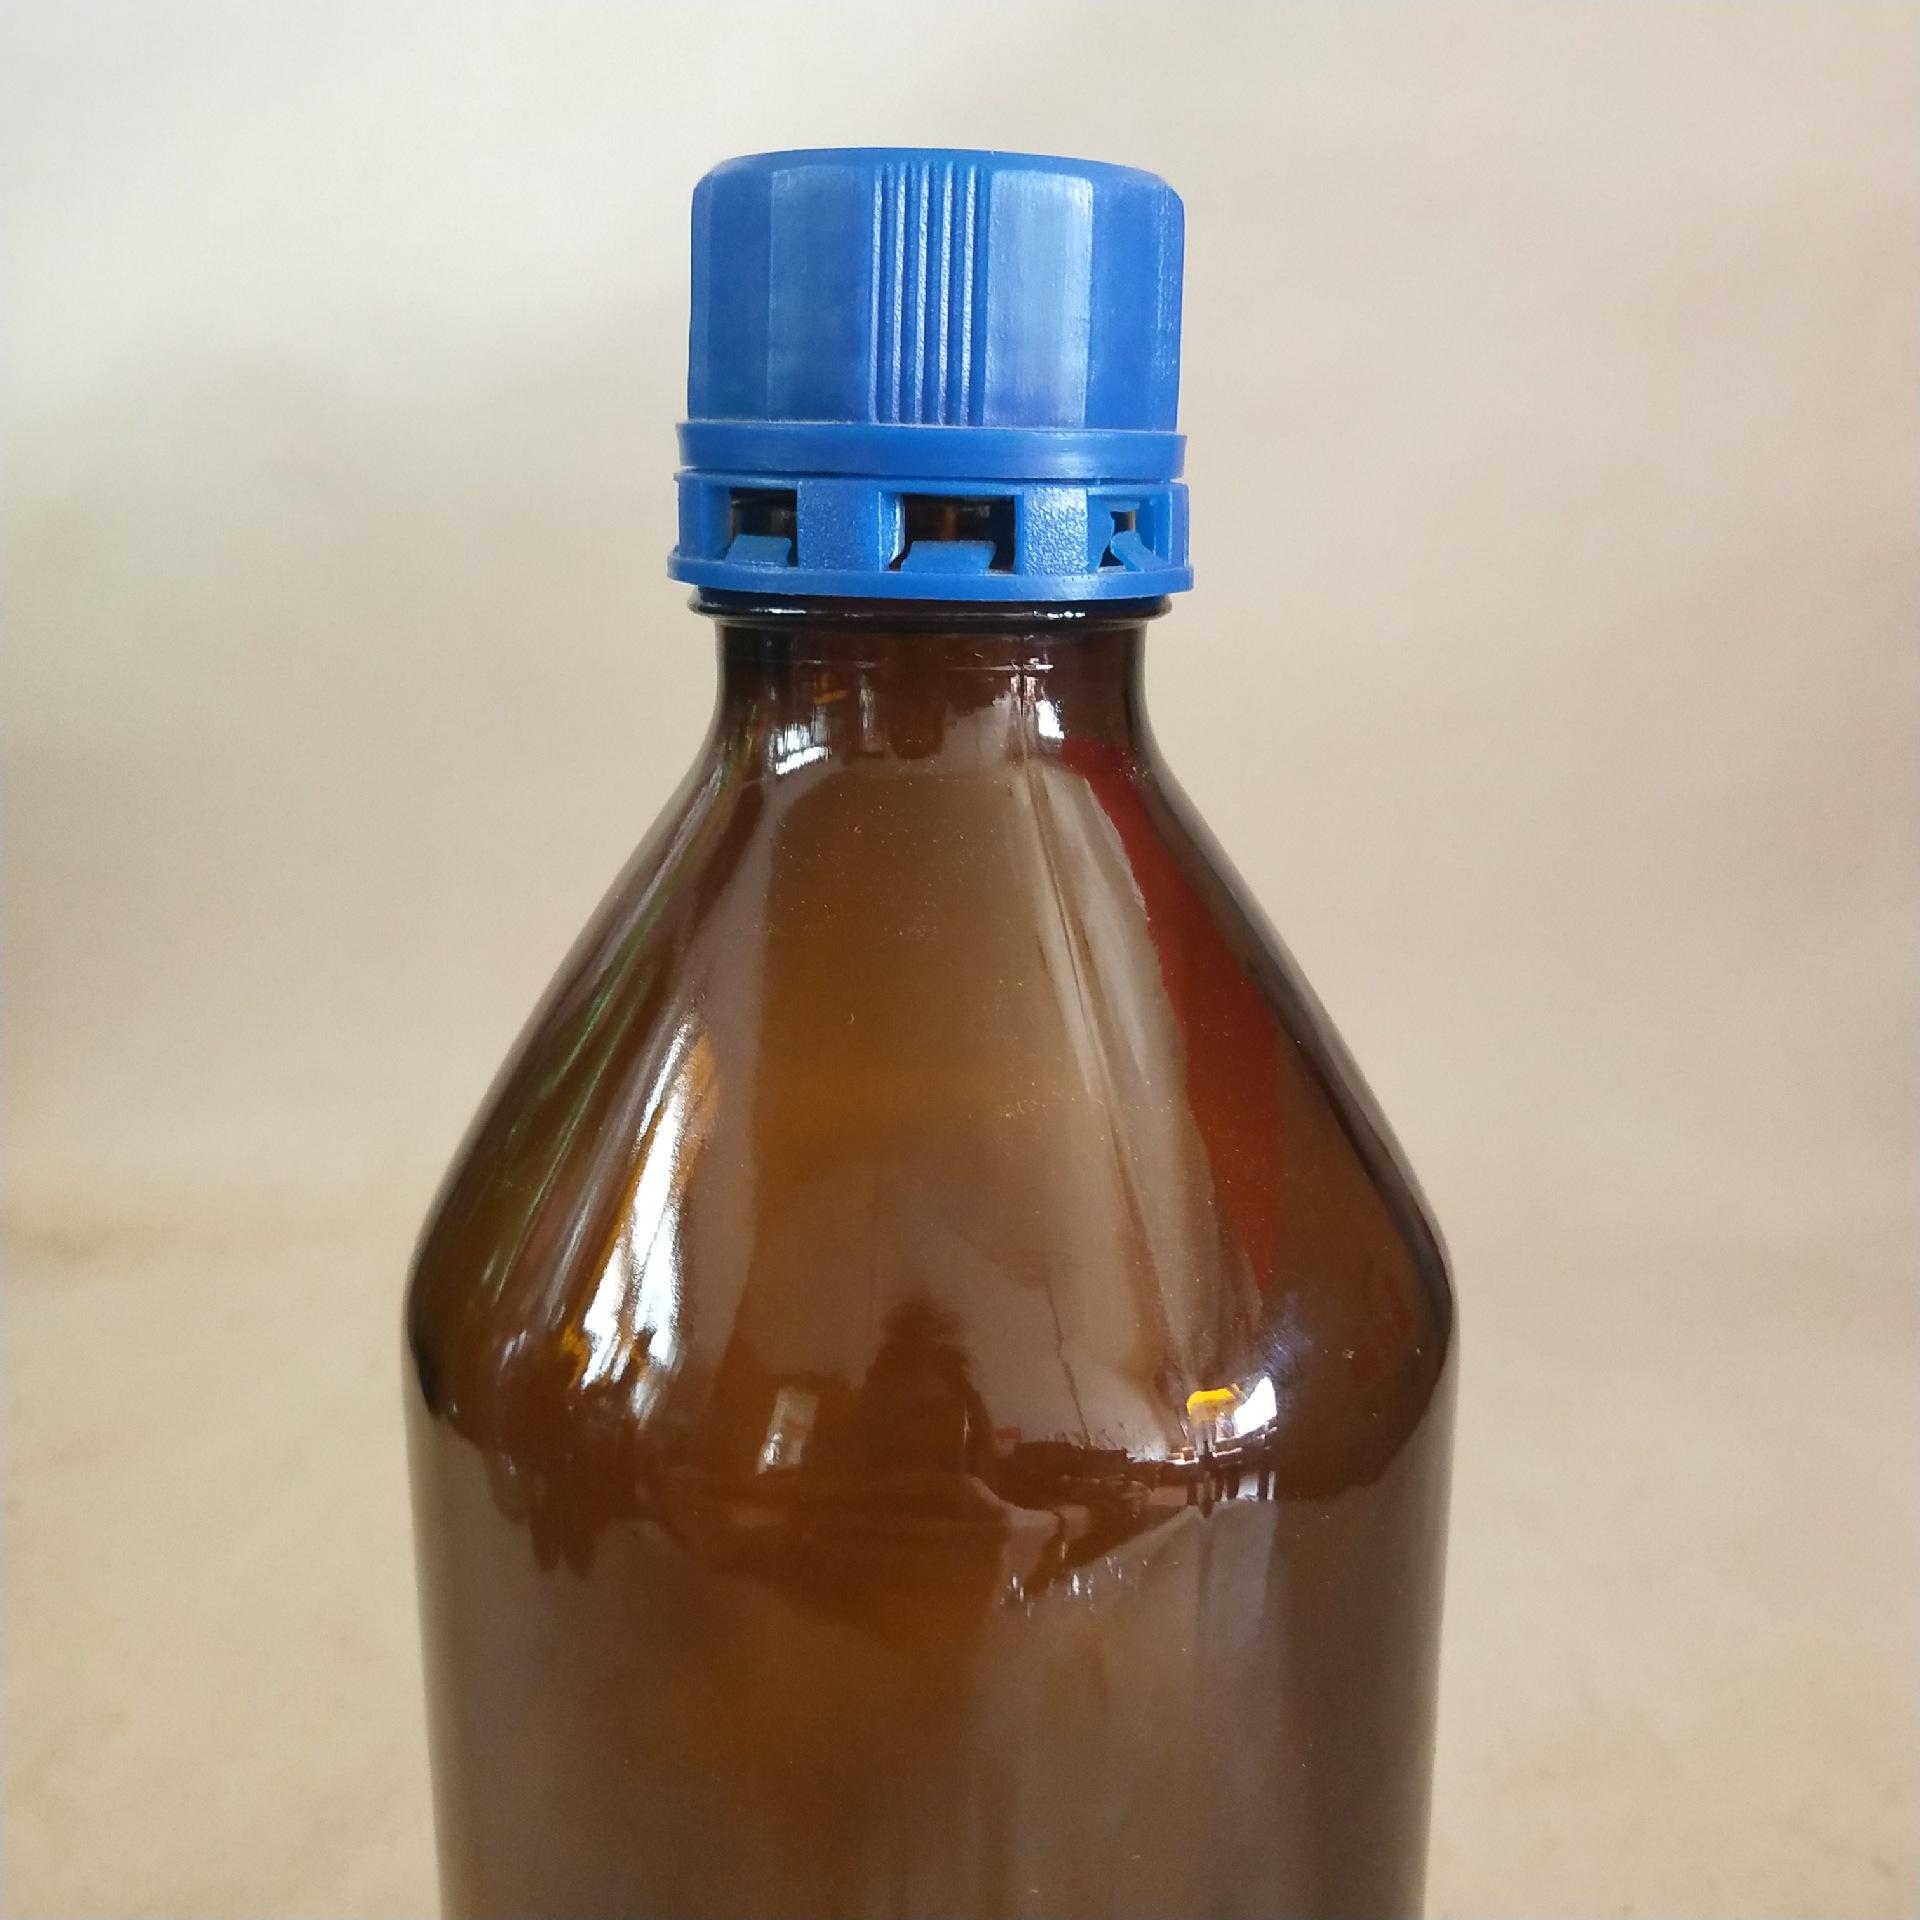 棕色玻璃試劑瓶_廠家120/250/500ml小口棕色玻璃試劑瓶帶塑料內塞細口瓶 - 阿里巴巴